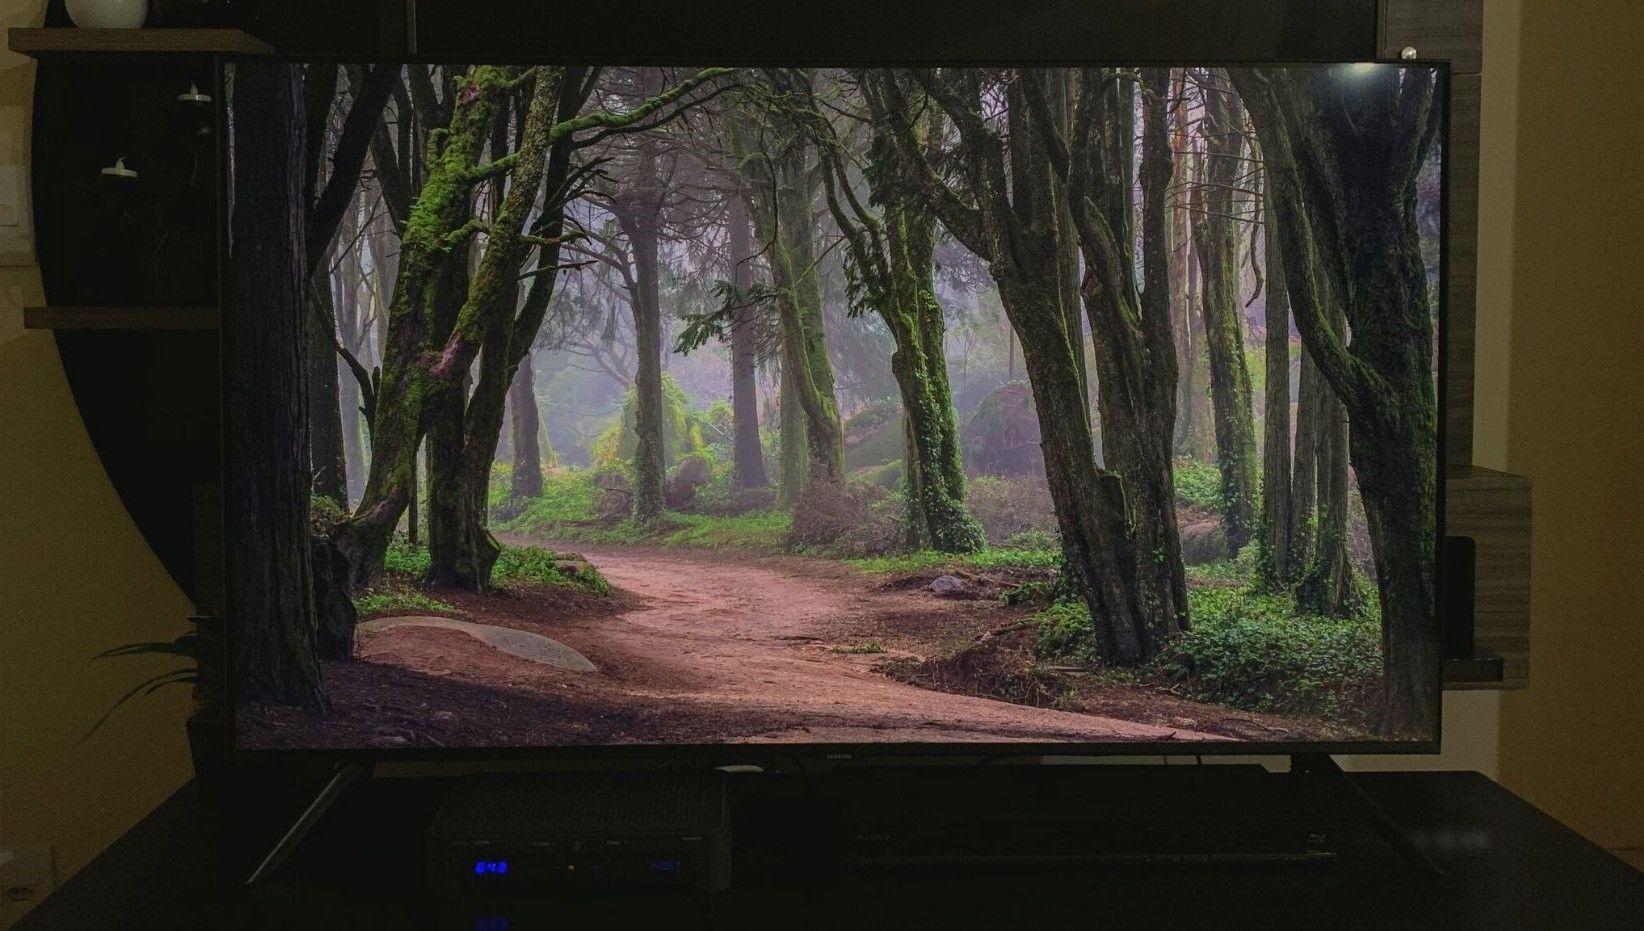 Modo Ambiente Foto está presente na TV Samsung TU8000. (Imagem: Yulli Dias/Zoom)